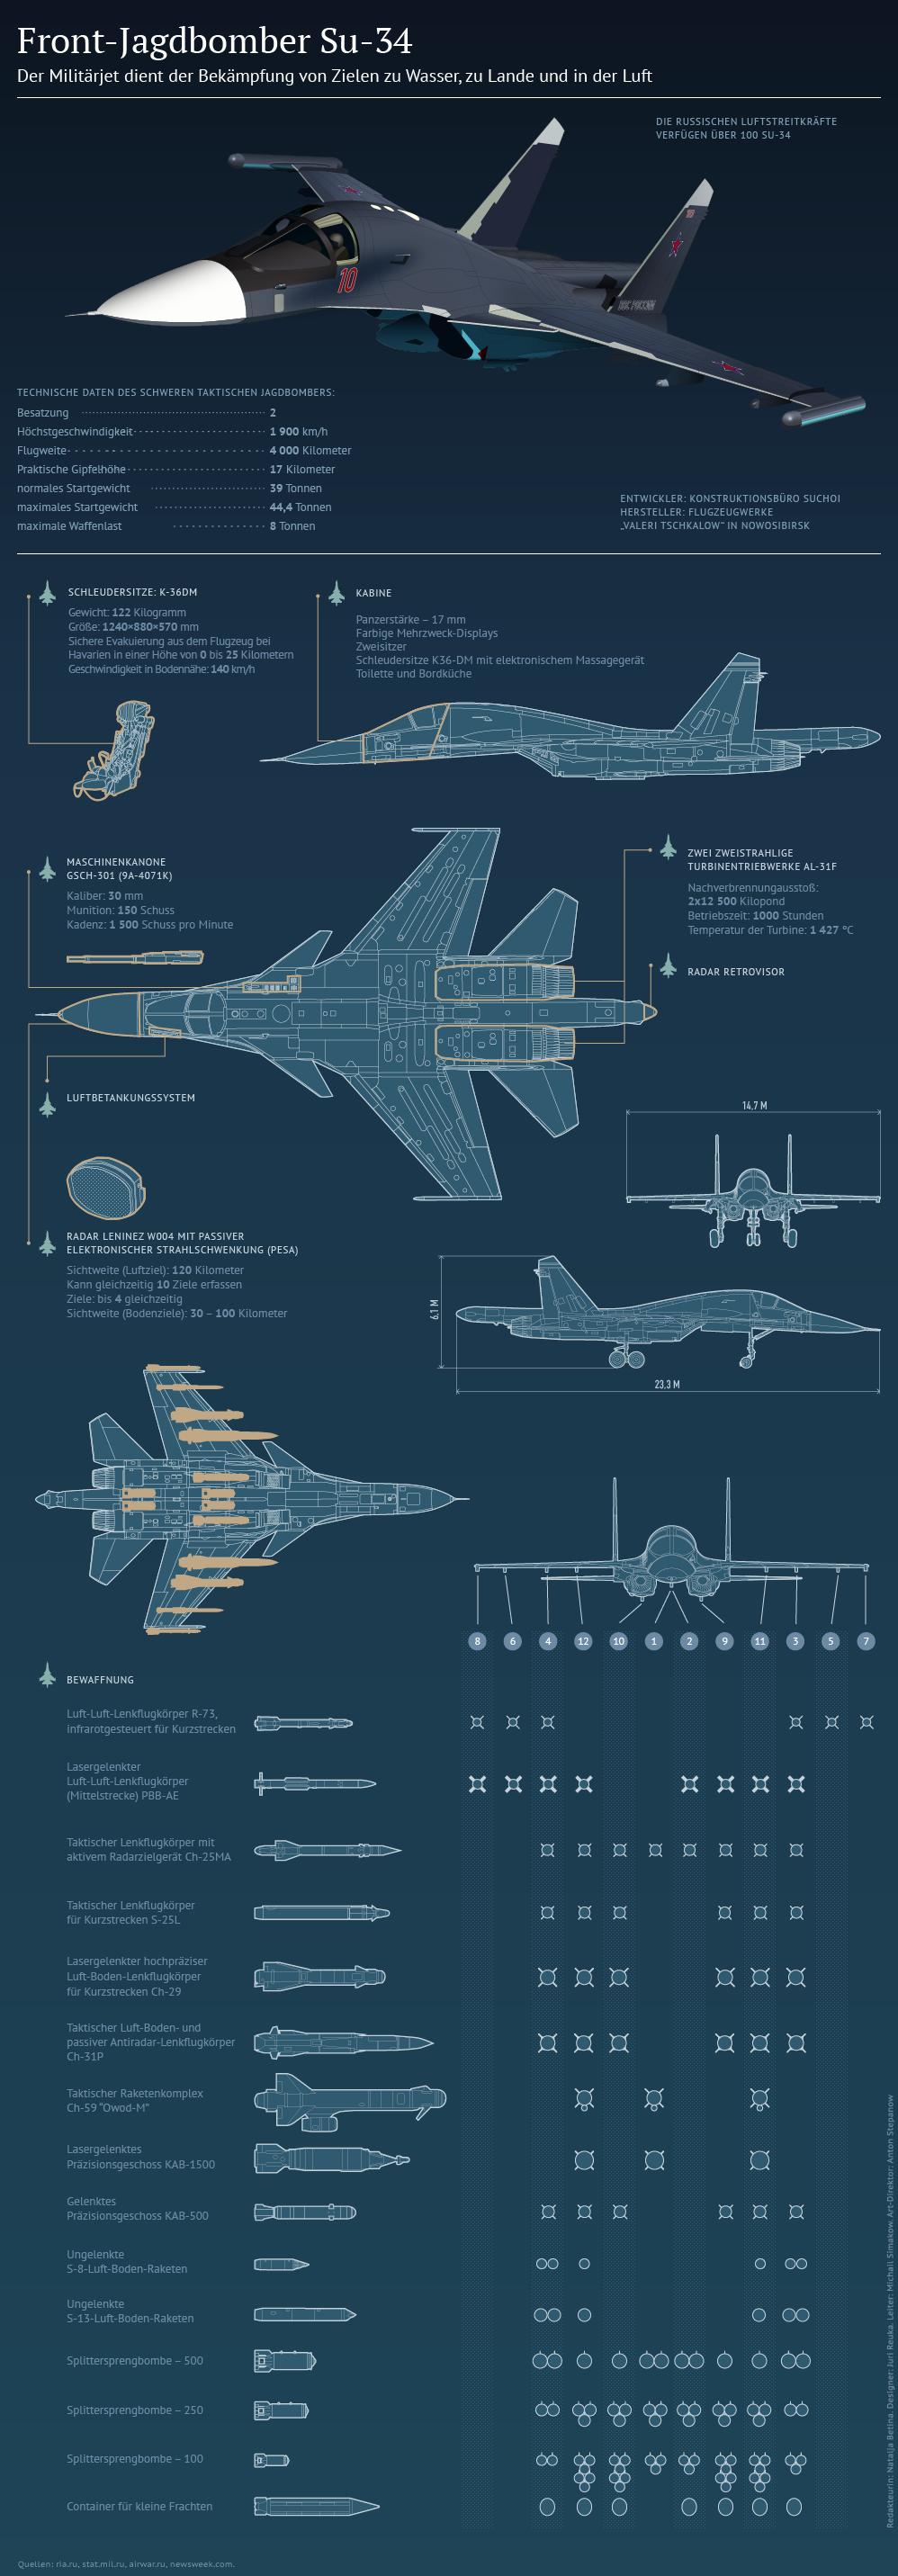 Su-34 Copyright © Sputnik - de.sputniknews.com